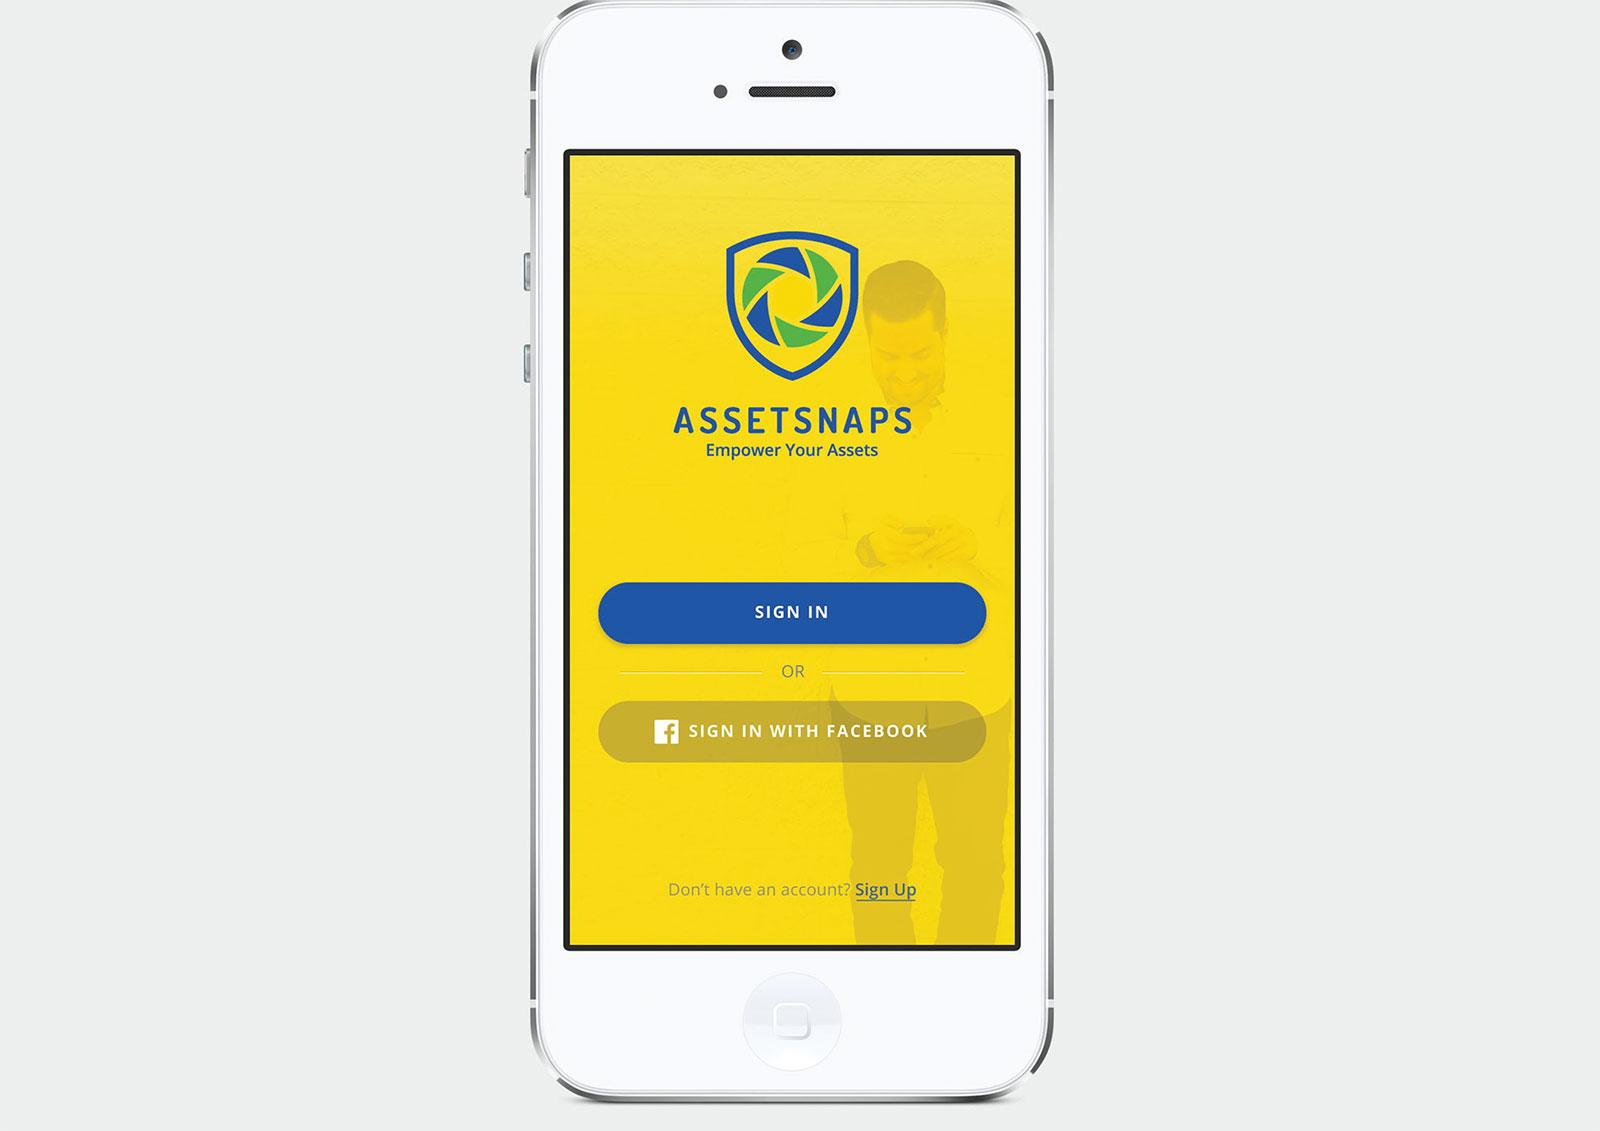 Asset Snaps - Mobile App Design